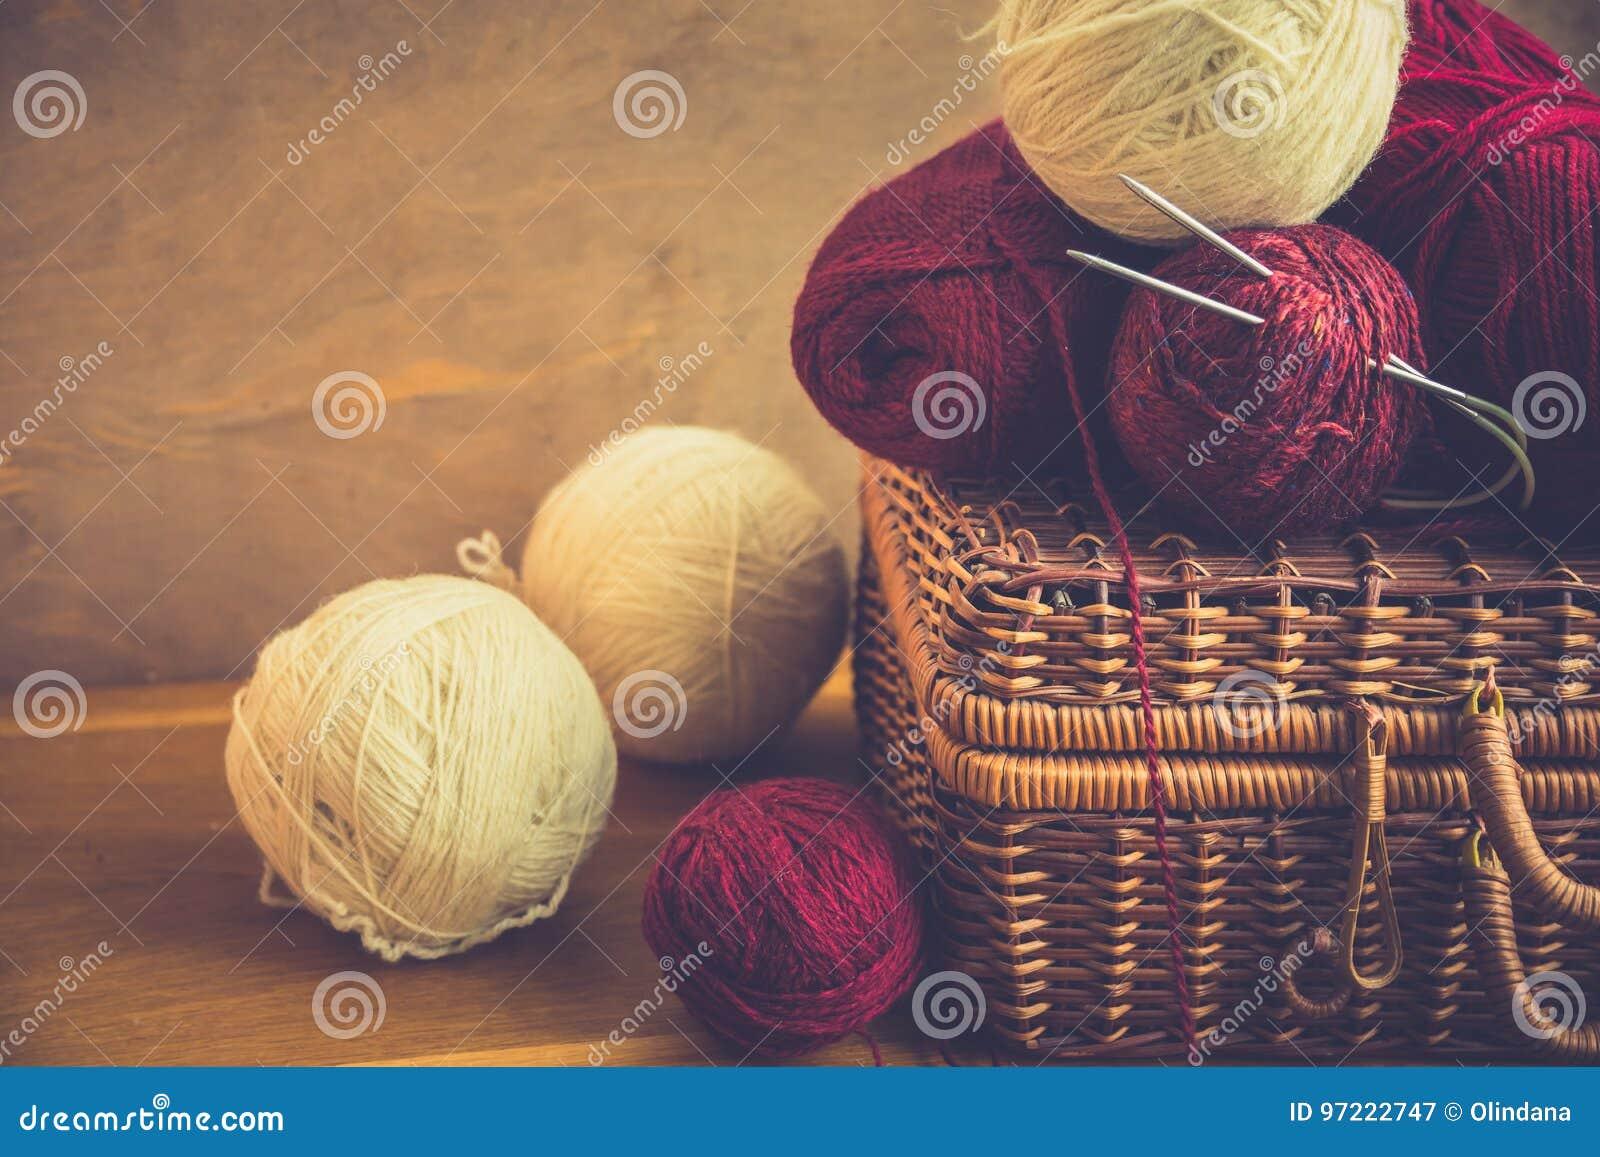 Uitstekende rieten clews van borstbollen van rood wit wolgaren, naalden op houten lijst, het breien, ambachten, hobbyconcept